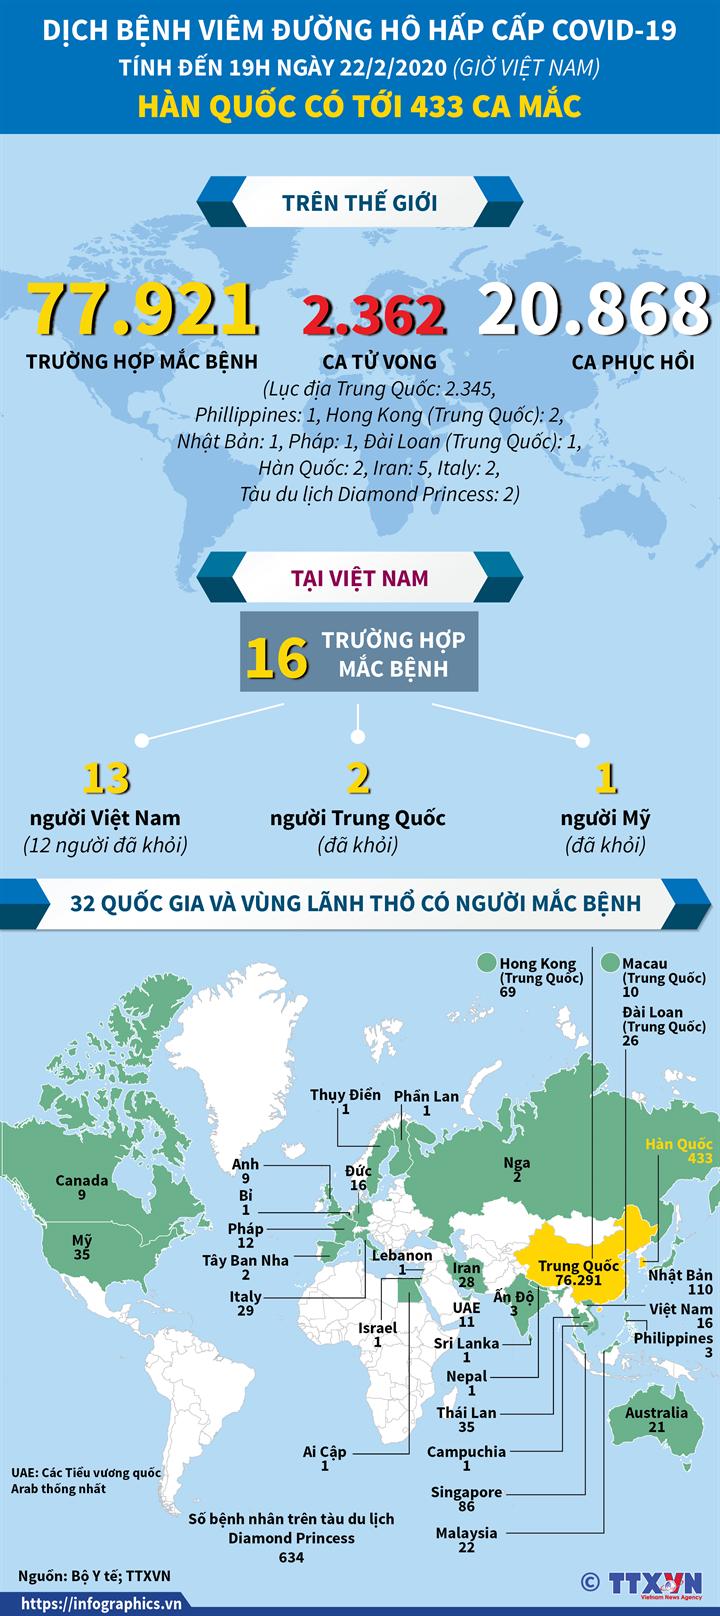 Diễn biến dịch bệnh viêm đường hô hấp cấp COVID-19 Tính đến 19h ngày 22/2/2020 (giờ Việt Nam)